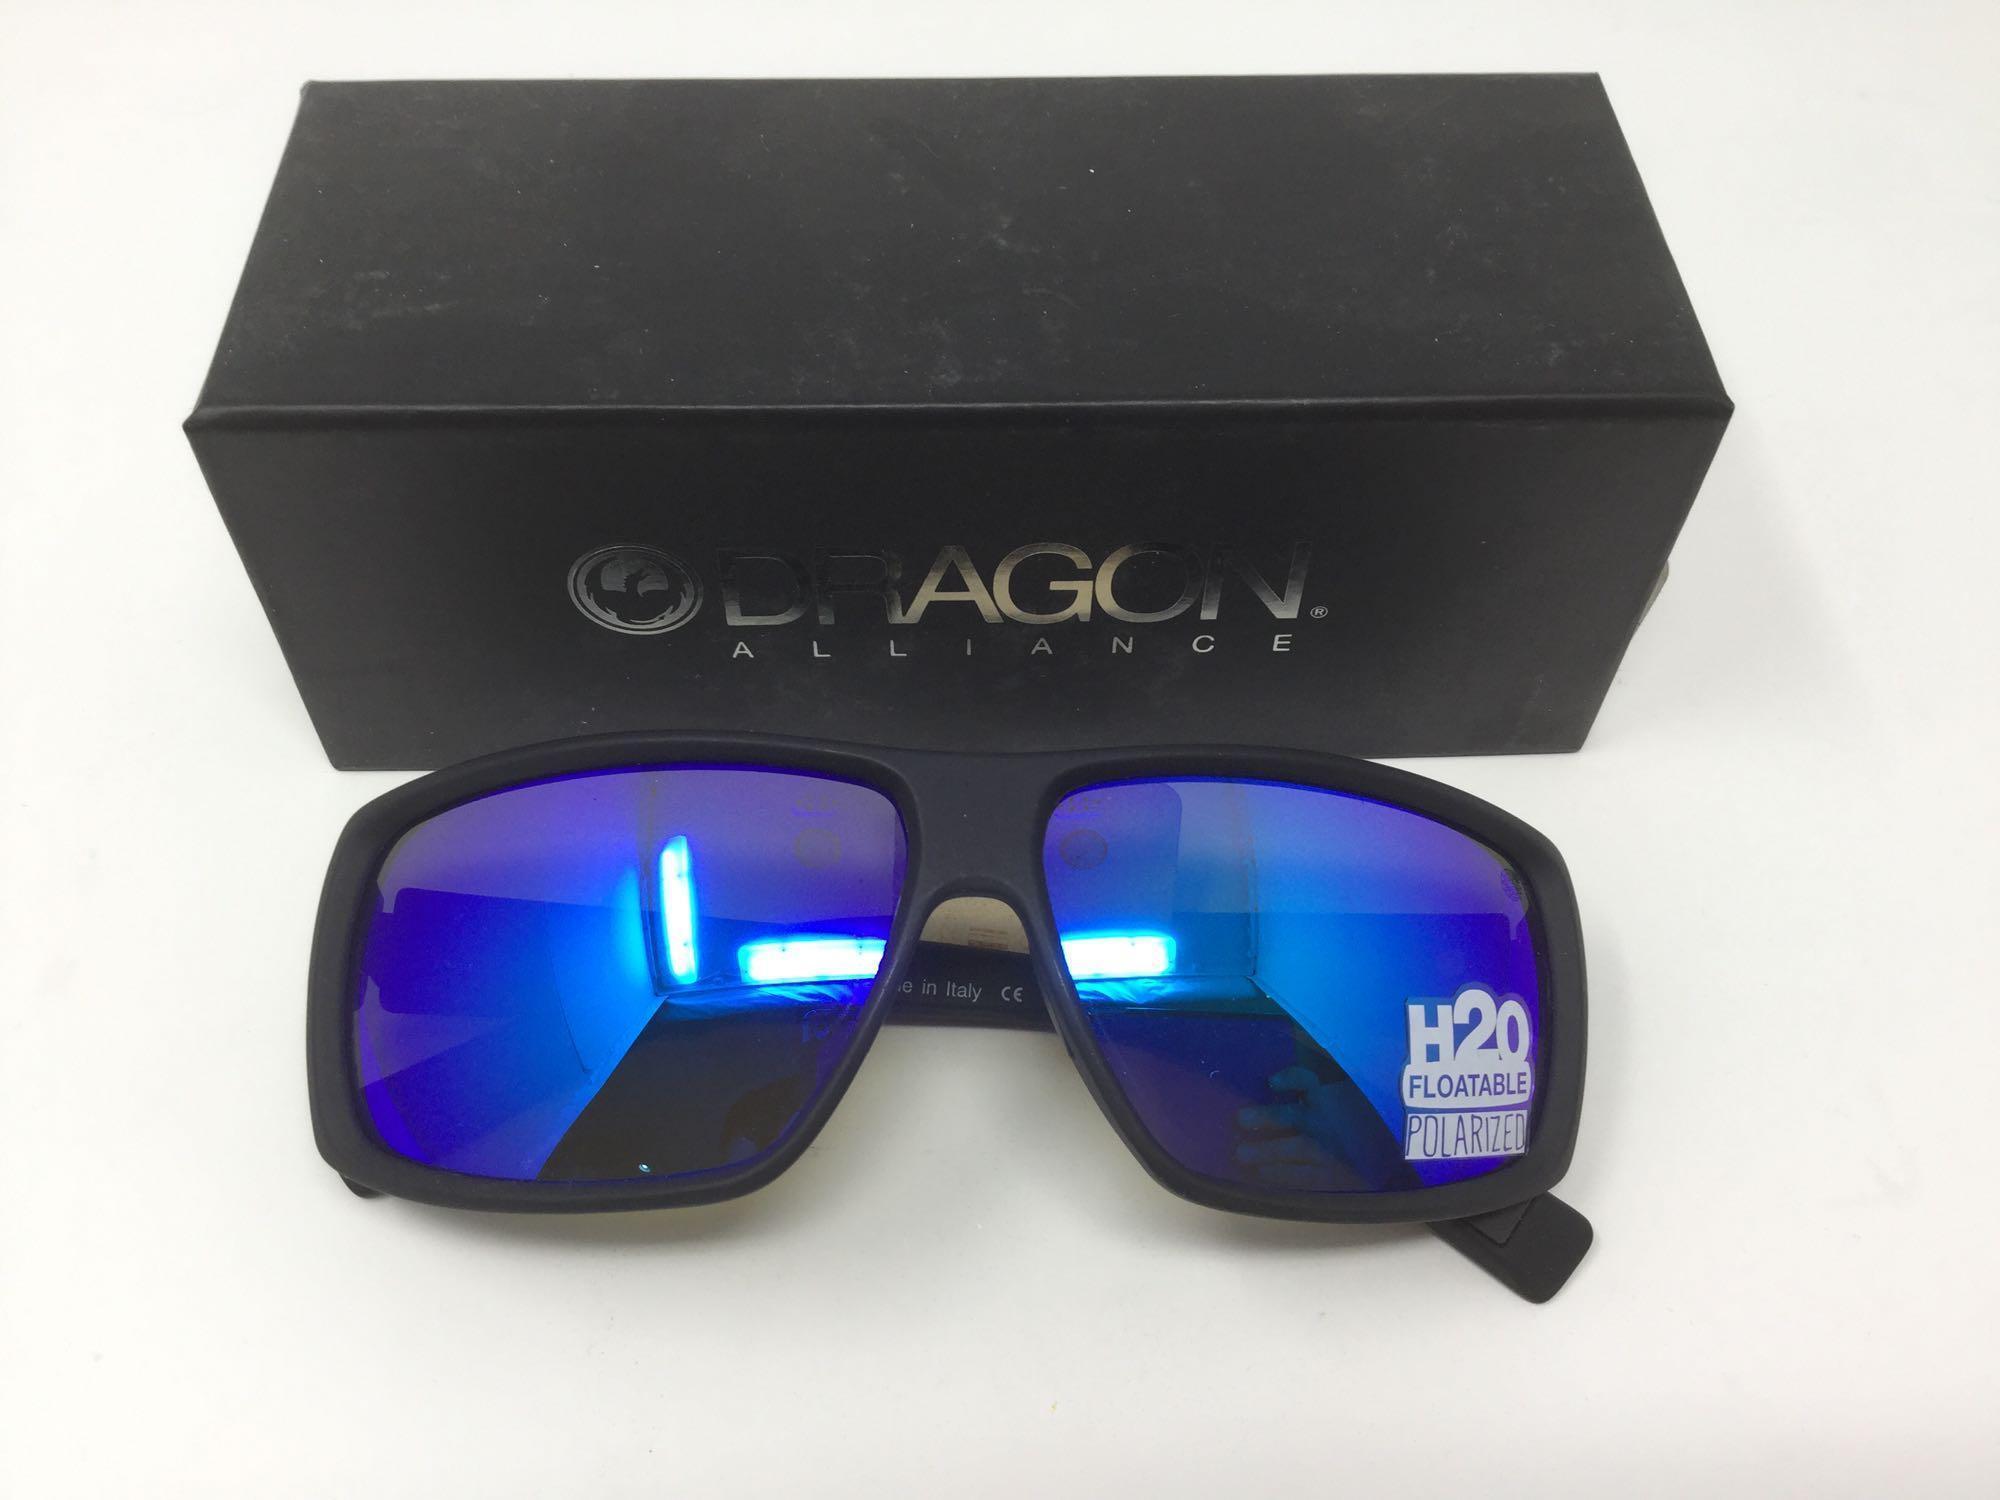 Lot 20 - Dragon Alliance H2O Floatable Polarized Sunglasses